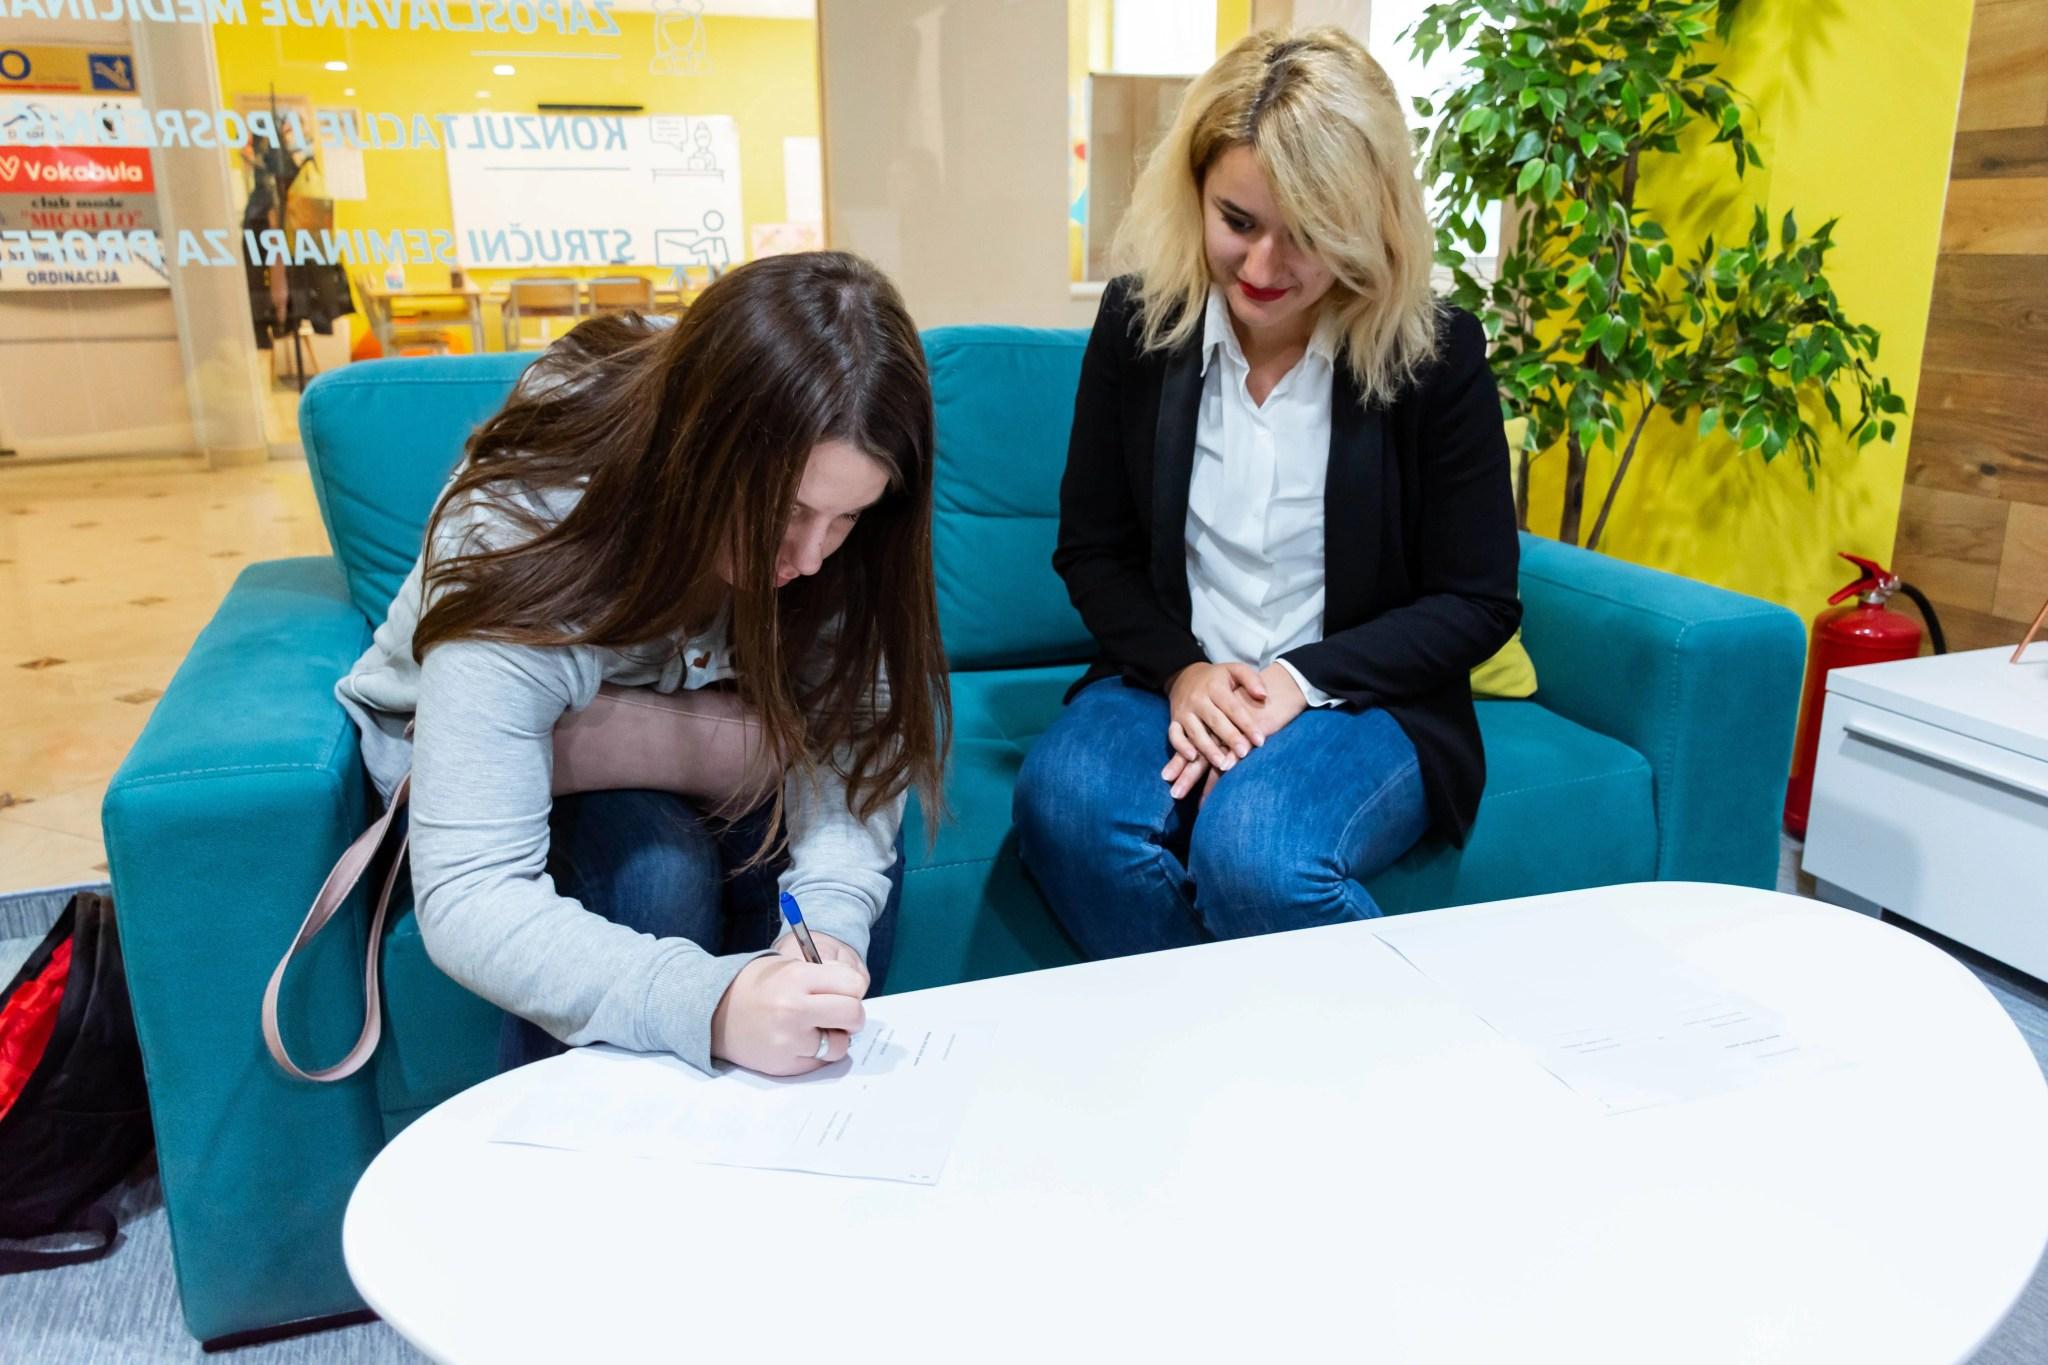 vokabuline stipendije, Studenti postižu više uz Vokabuline stipendije! Podijeljene prve stipendije studentima